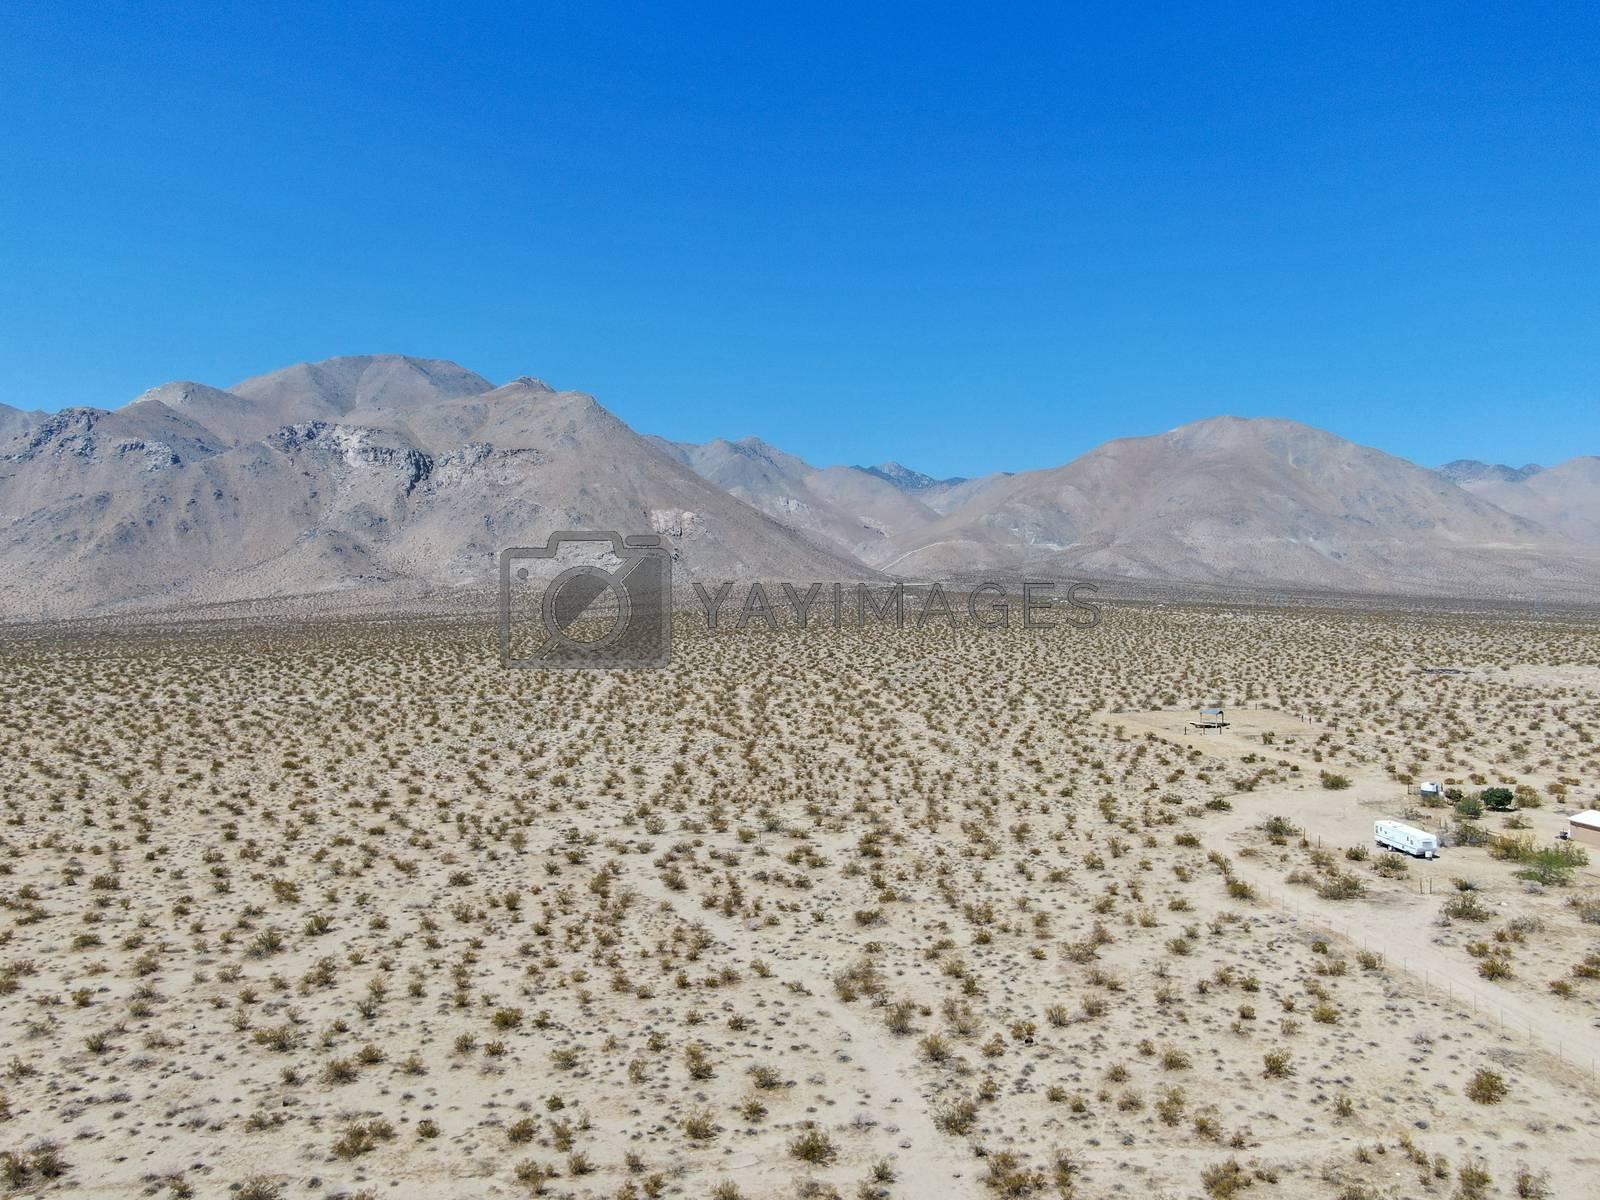 Aerial view of desert hills under blue sky in California's Mojave desert, near Ridgecrest.  by Bonandbon